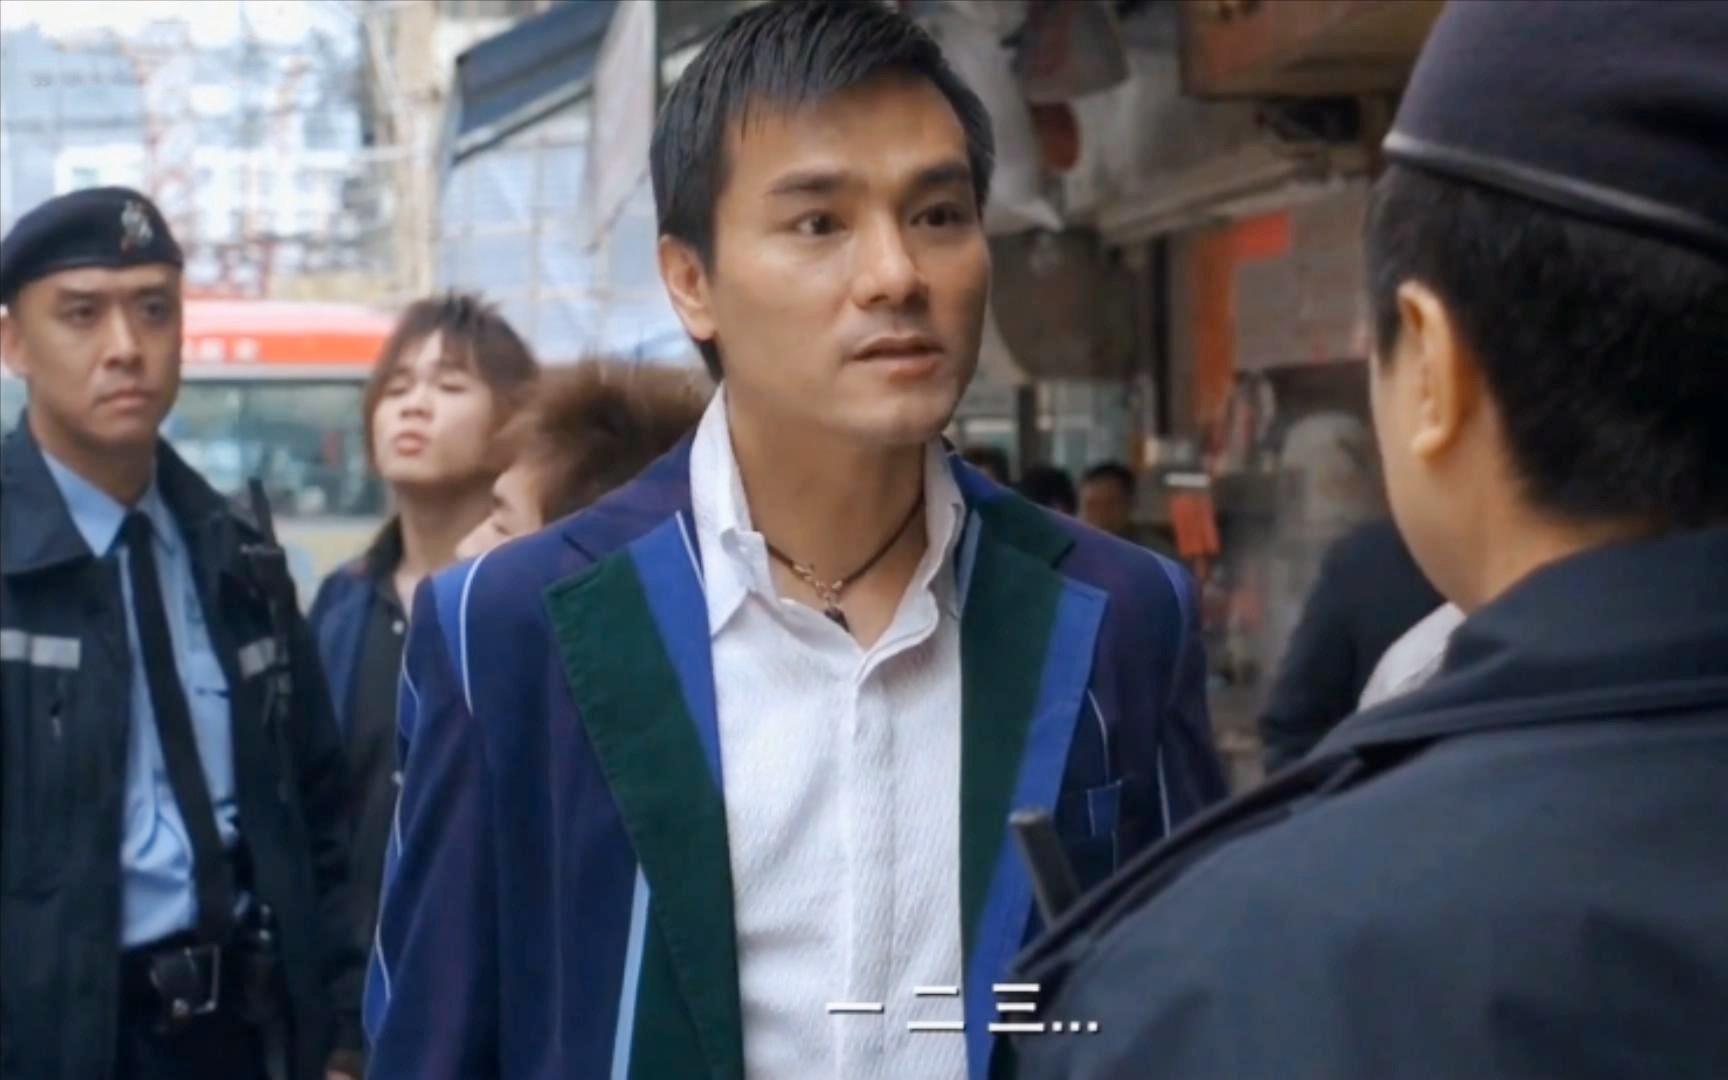 港片中十大嚣张角色,第一位坑了陈浩南,最后一位堪称祖师爷